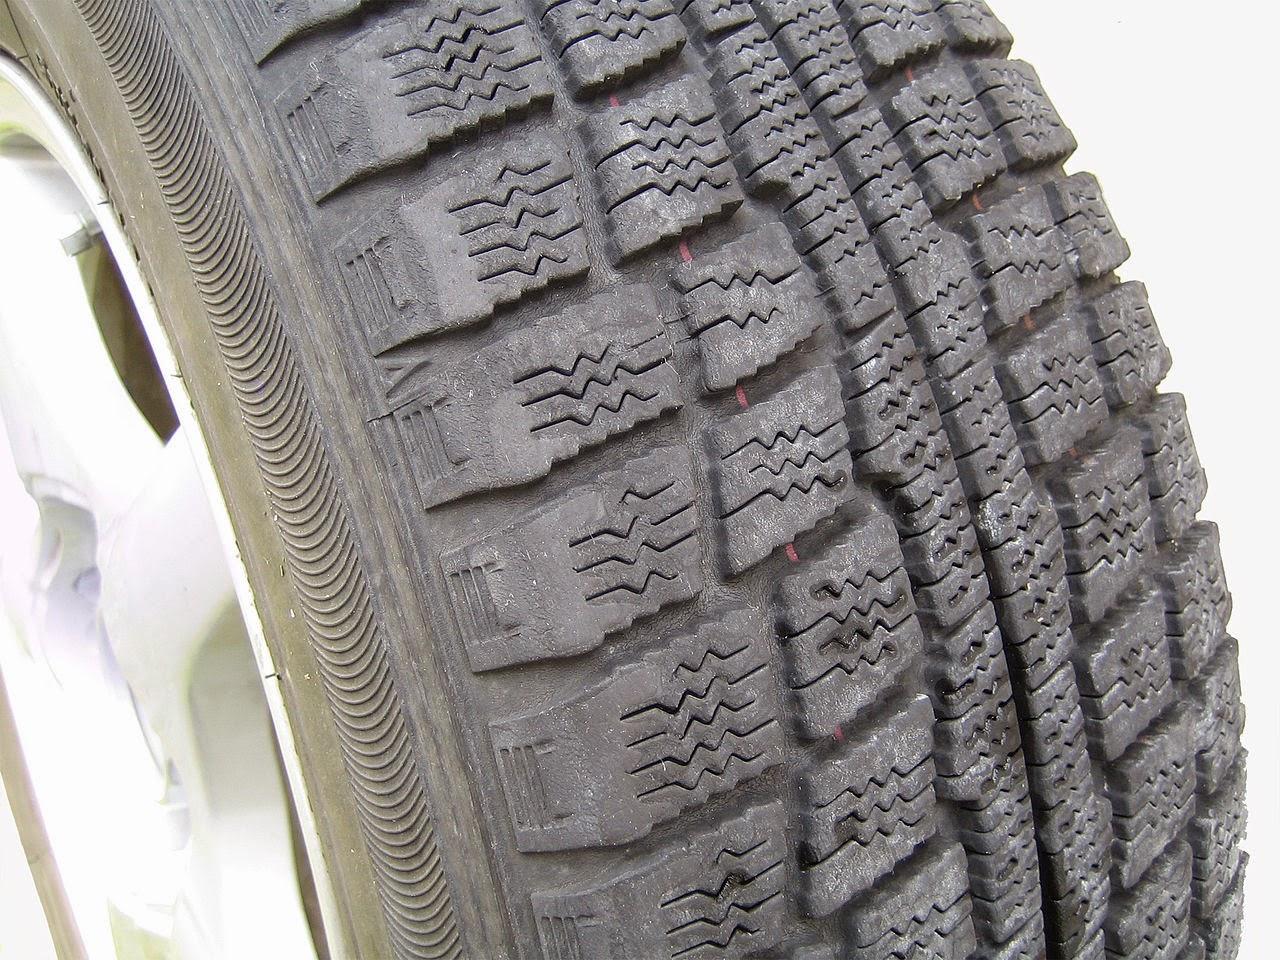 Gli pneumatici invernali servono, sono efficaci o no?